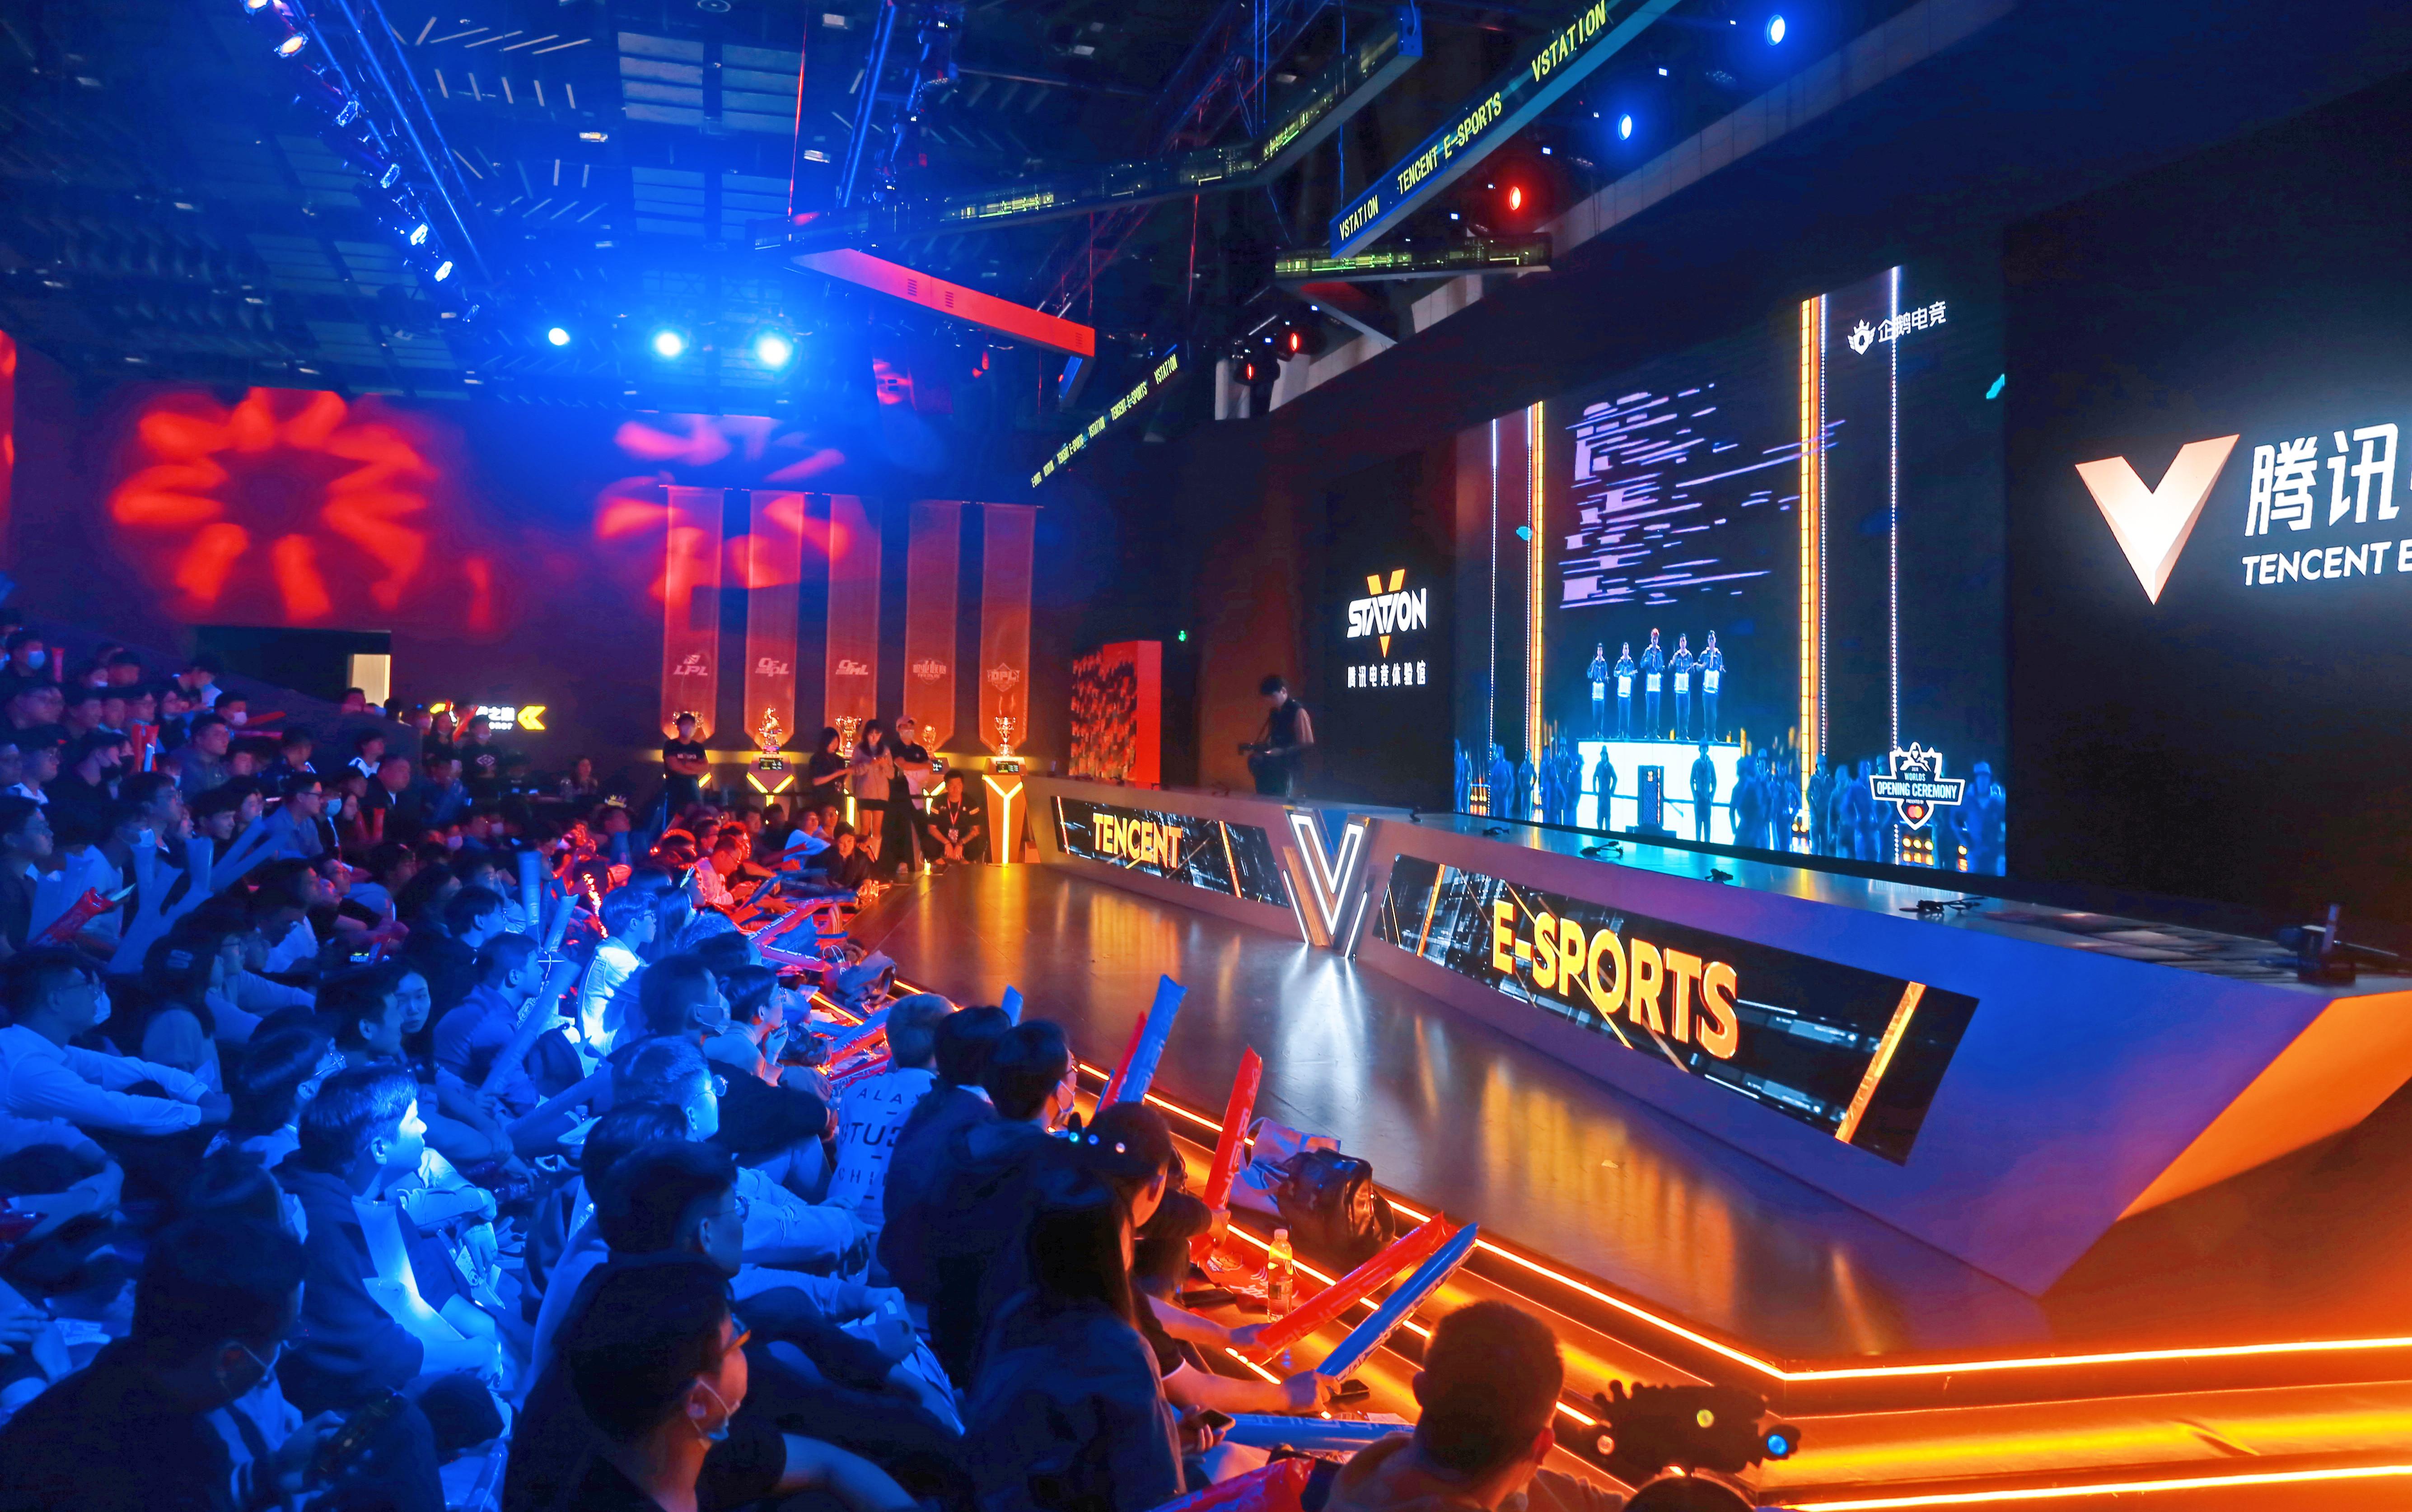 Shanghai League of Legends Championship